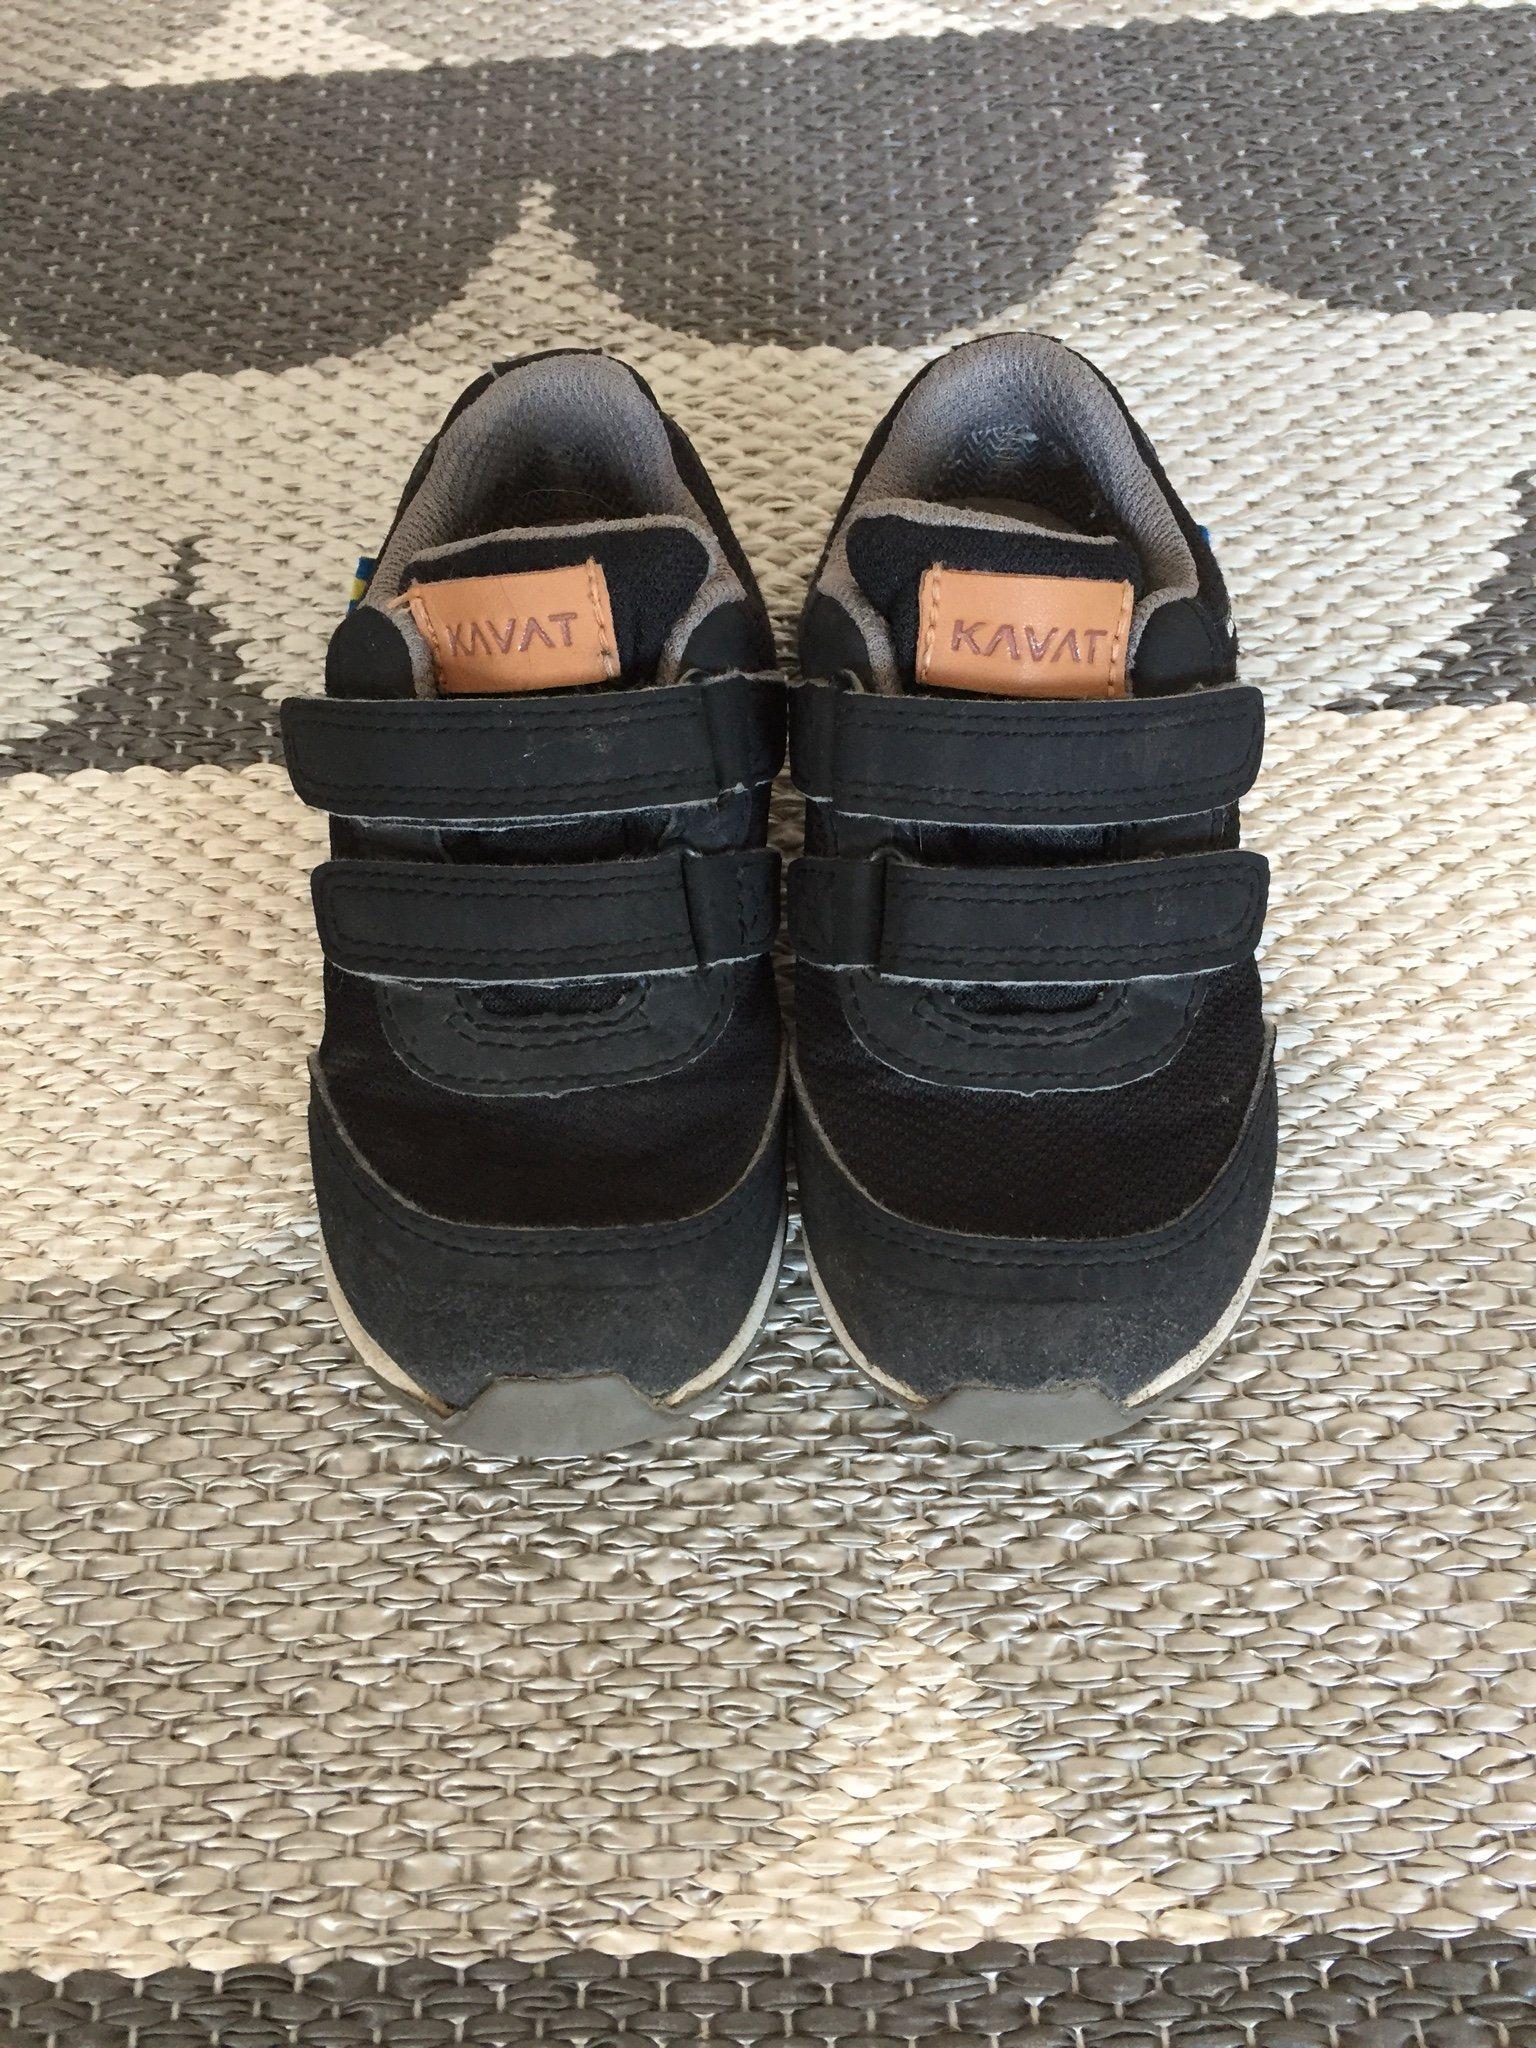 7c7c5bae408 Kavat Halland, svarta skor, storlek 24 (341746968) ᐈ Köp på Tradera